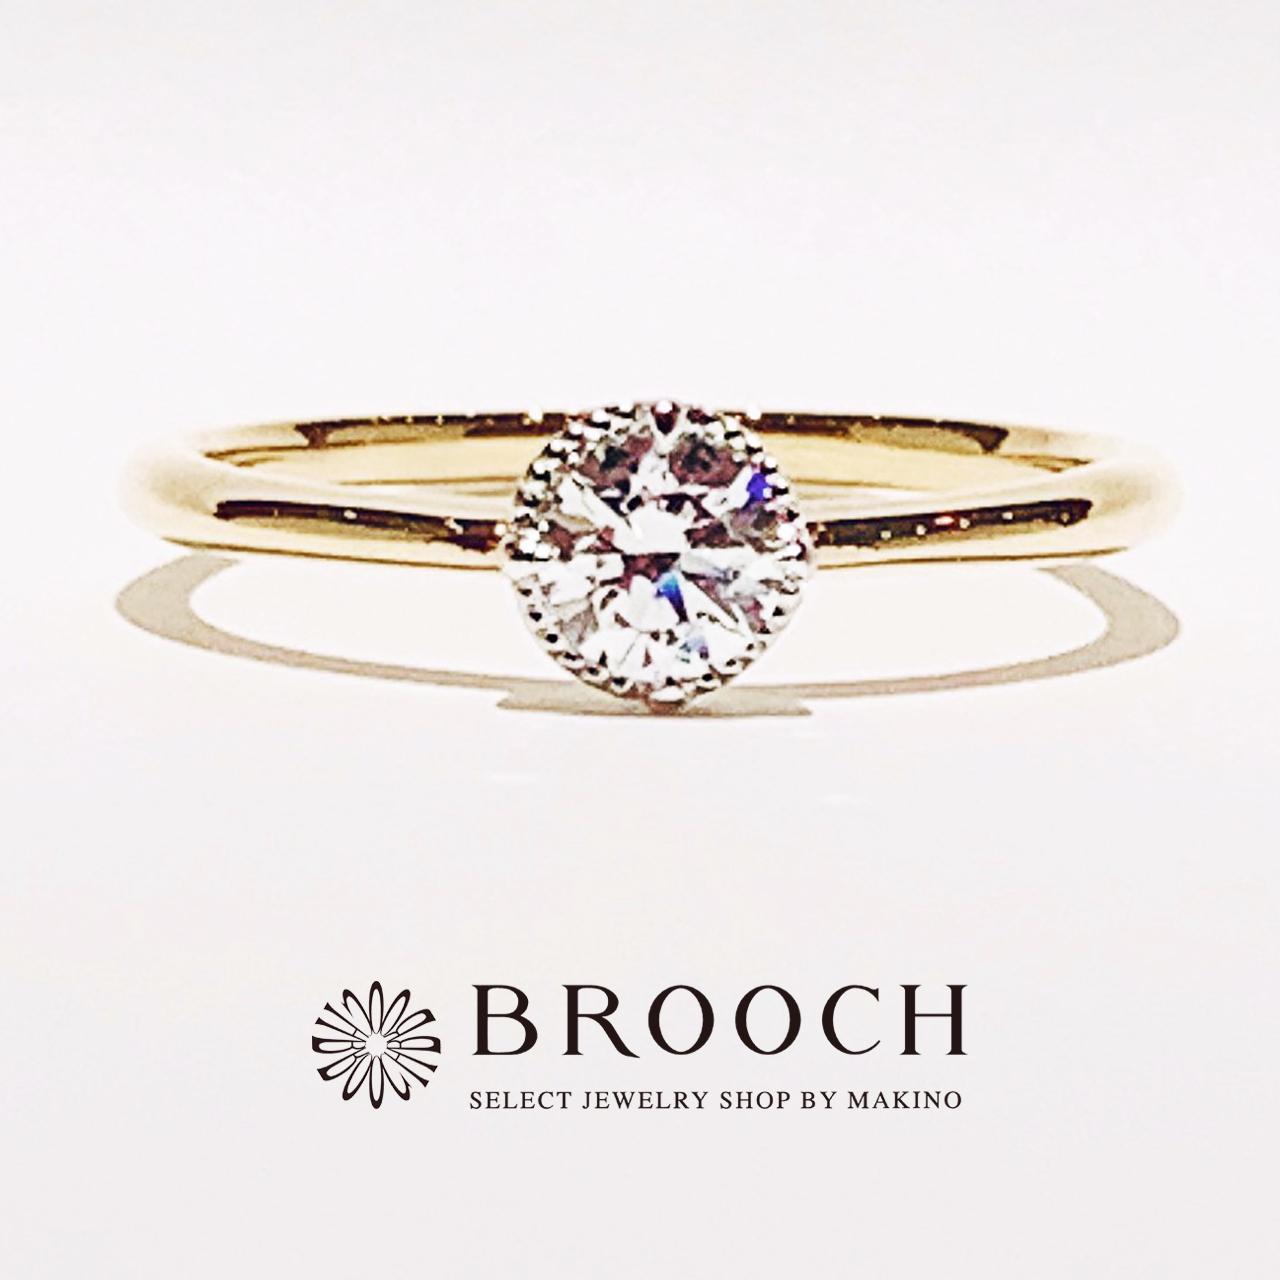 BROOCH 婚約指輪 エンゲージリング かわいい ミル打ち2色コンビデザイン